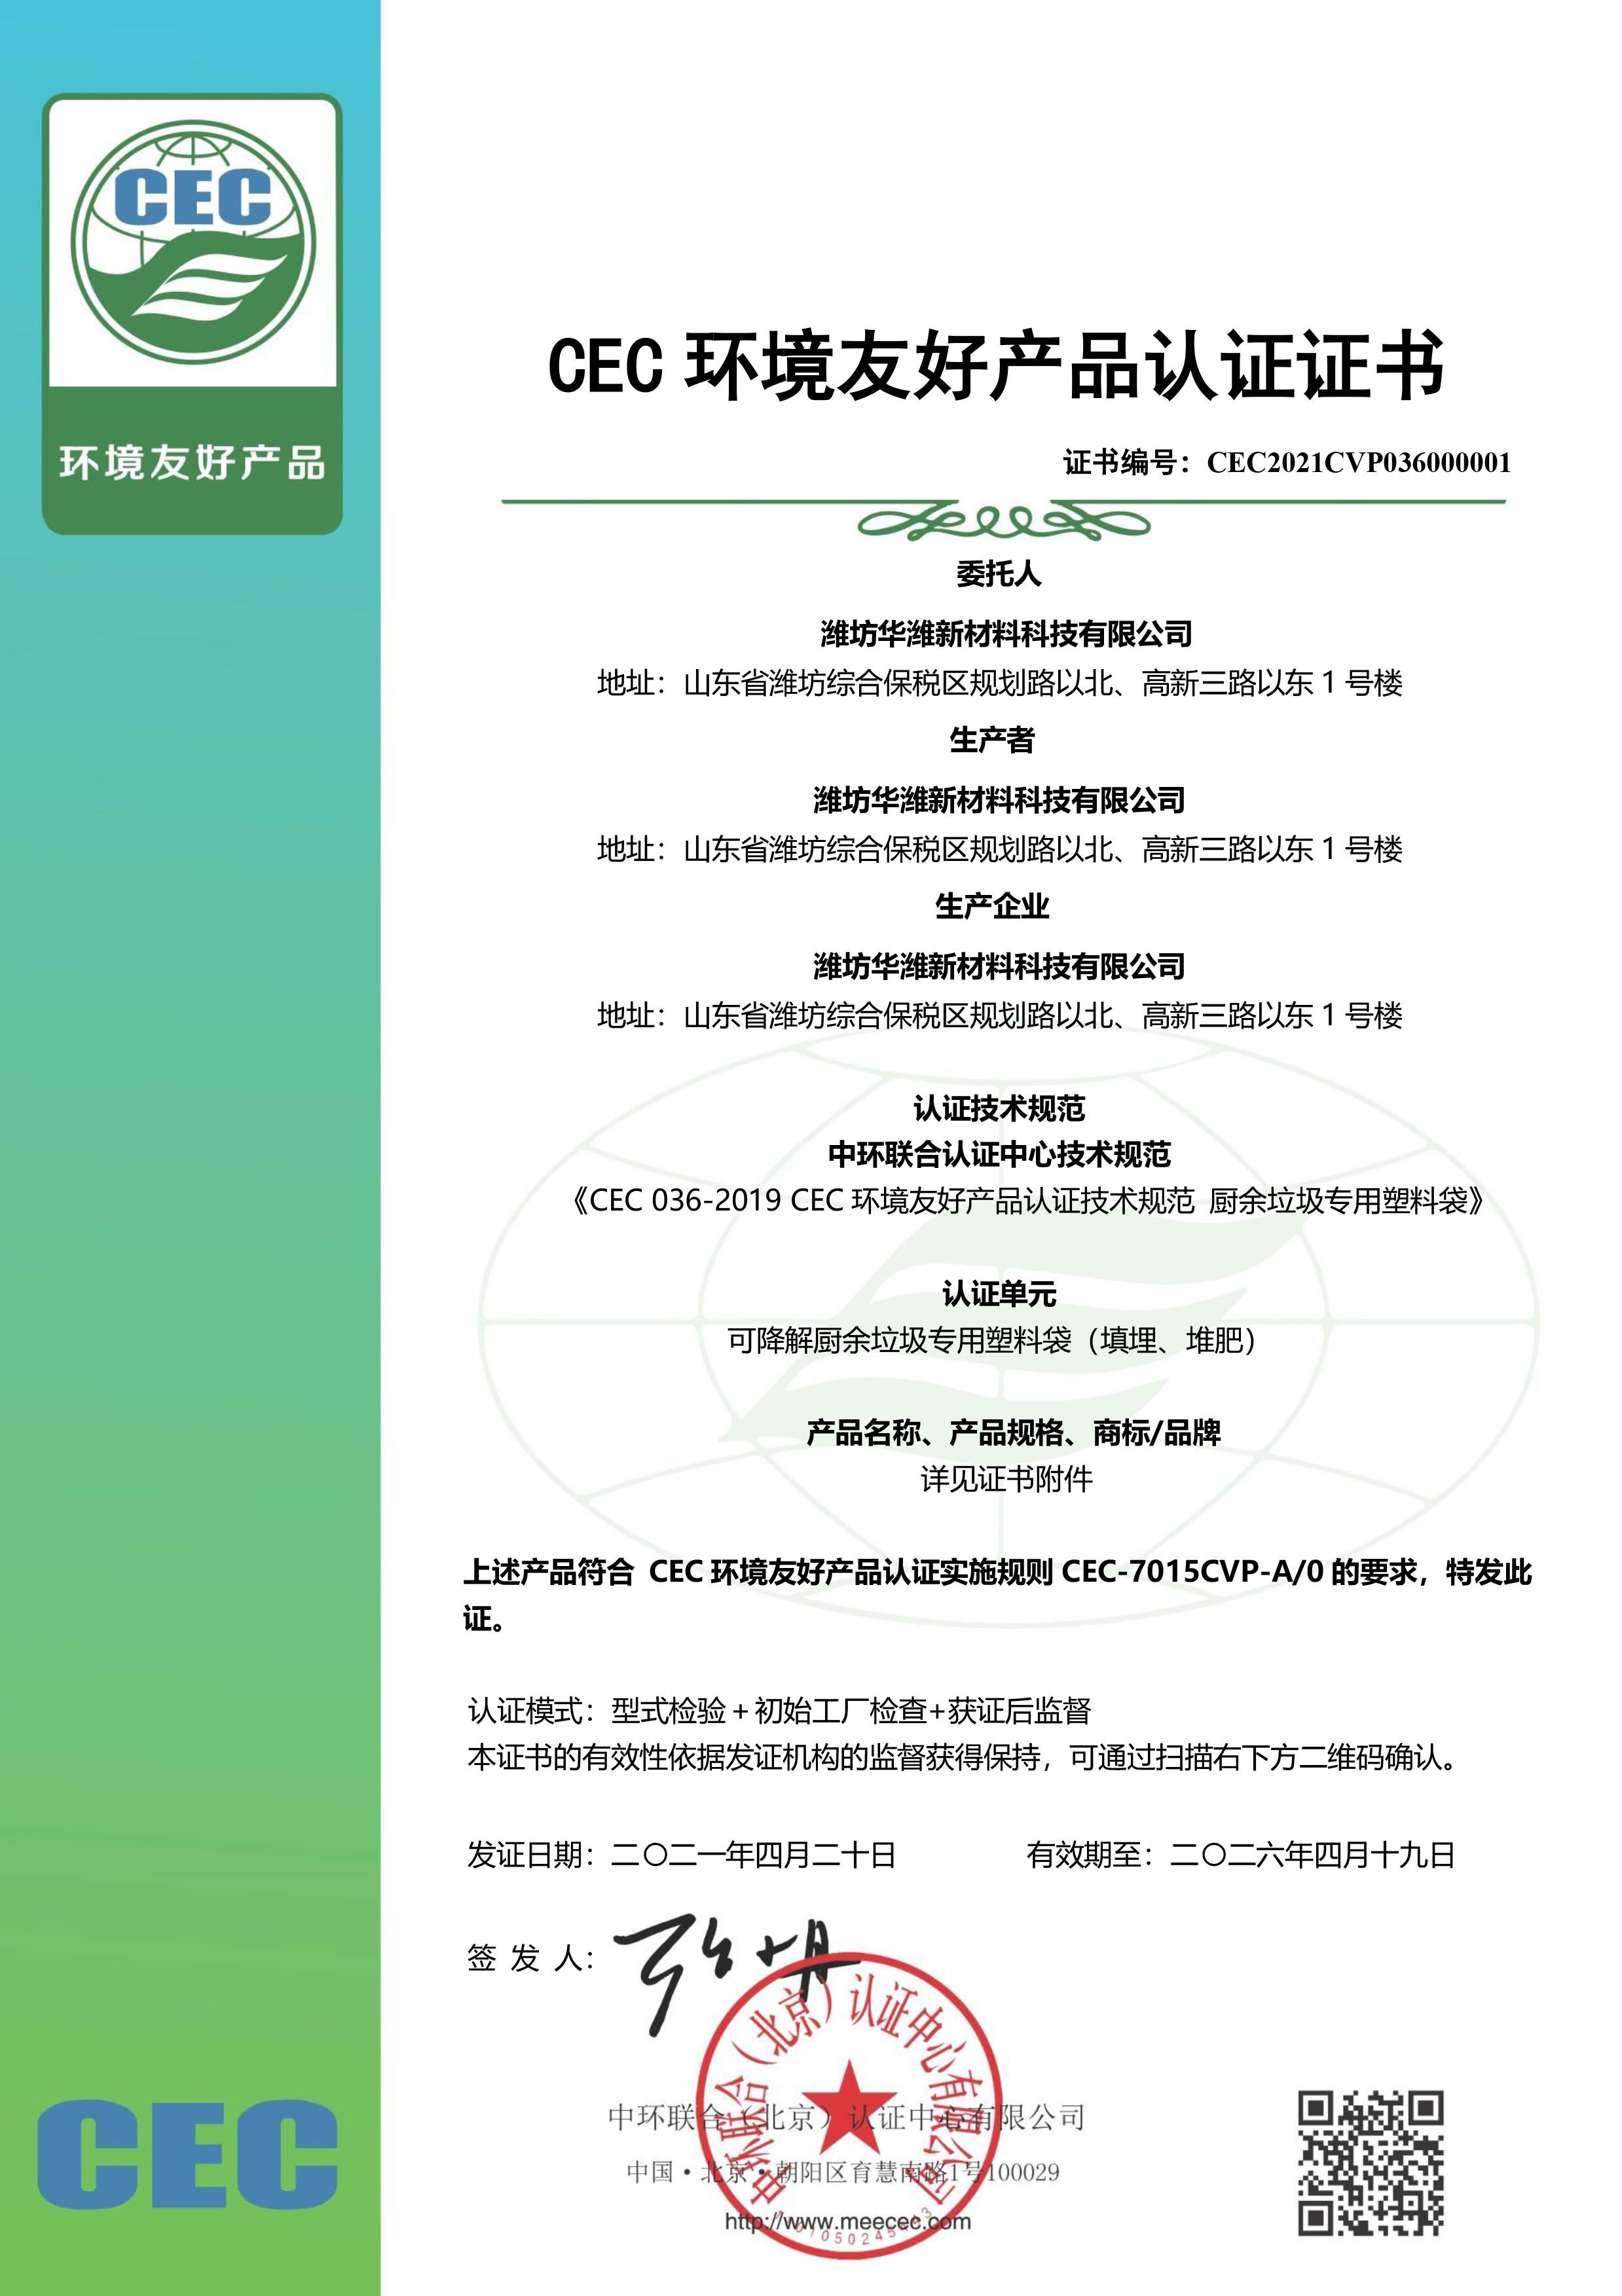 CEC环境友好产品认证证书